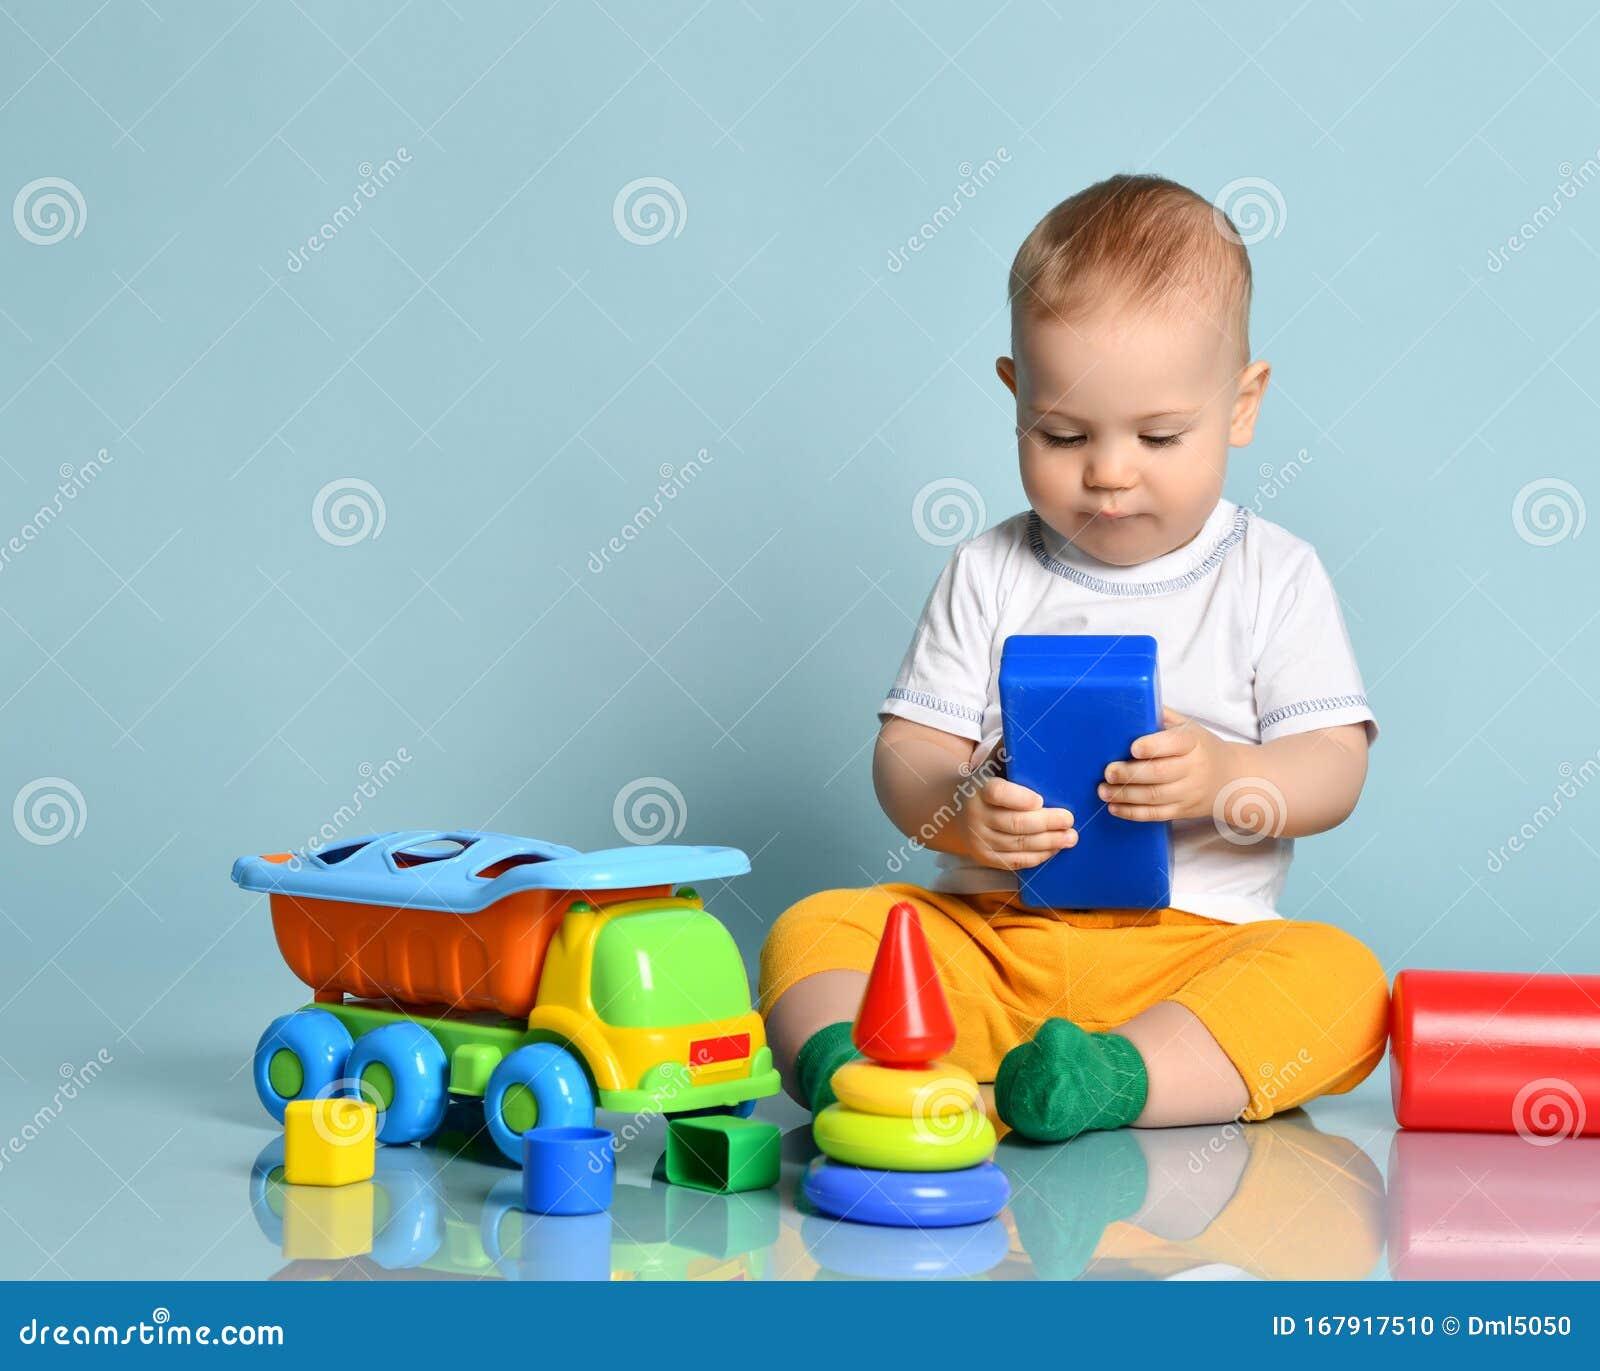 Nino Pequeno Con Pantalones Amarillos Y Camiseta Blanca Sentado En El Suelo Rodeado De Juguetes Coloridos Foto De Archivo Imagen De Pequeno Suelo 167917510